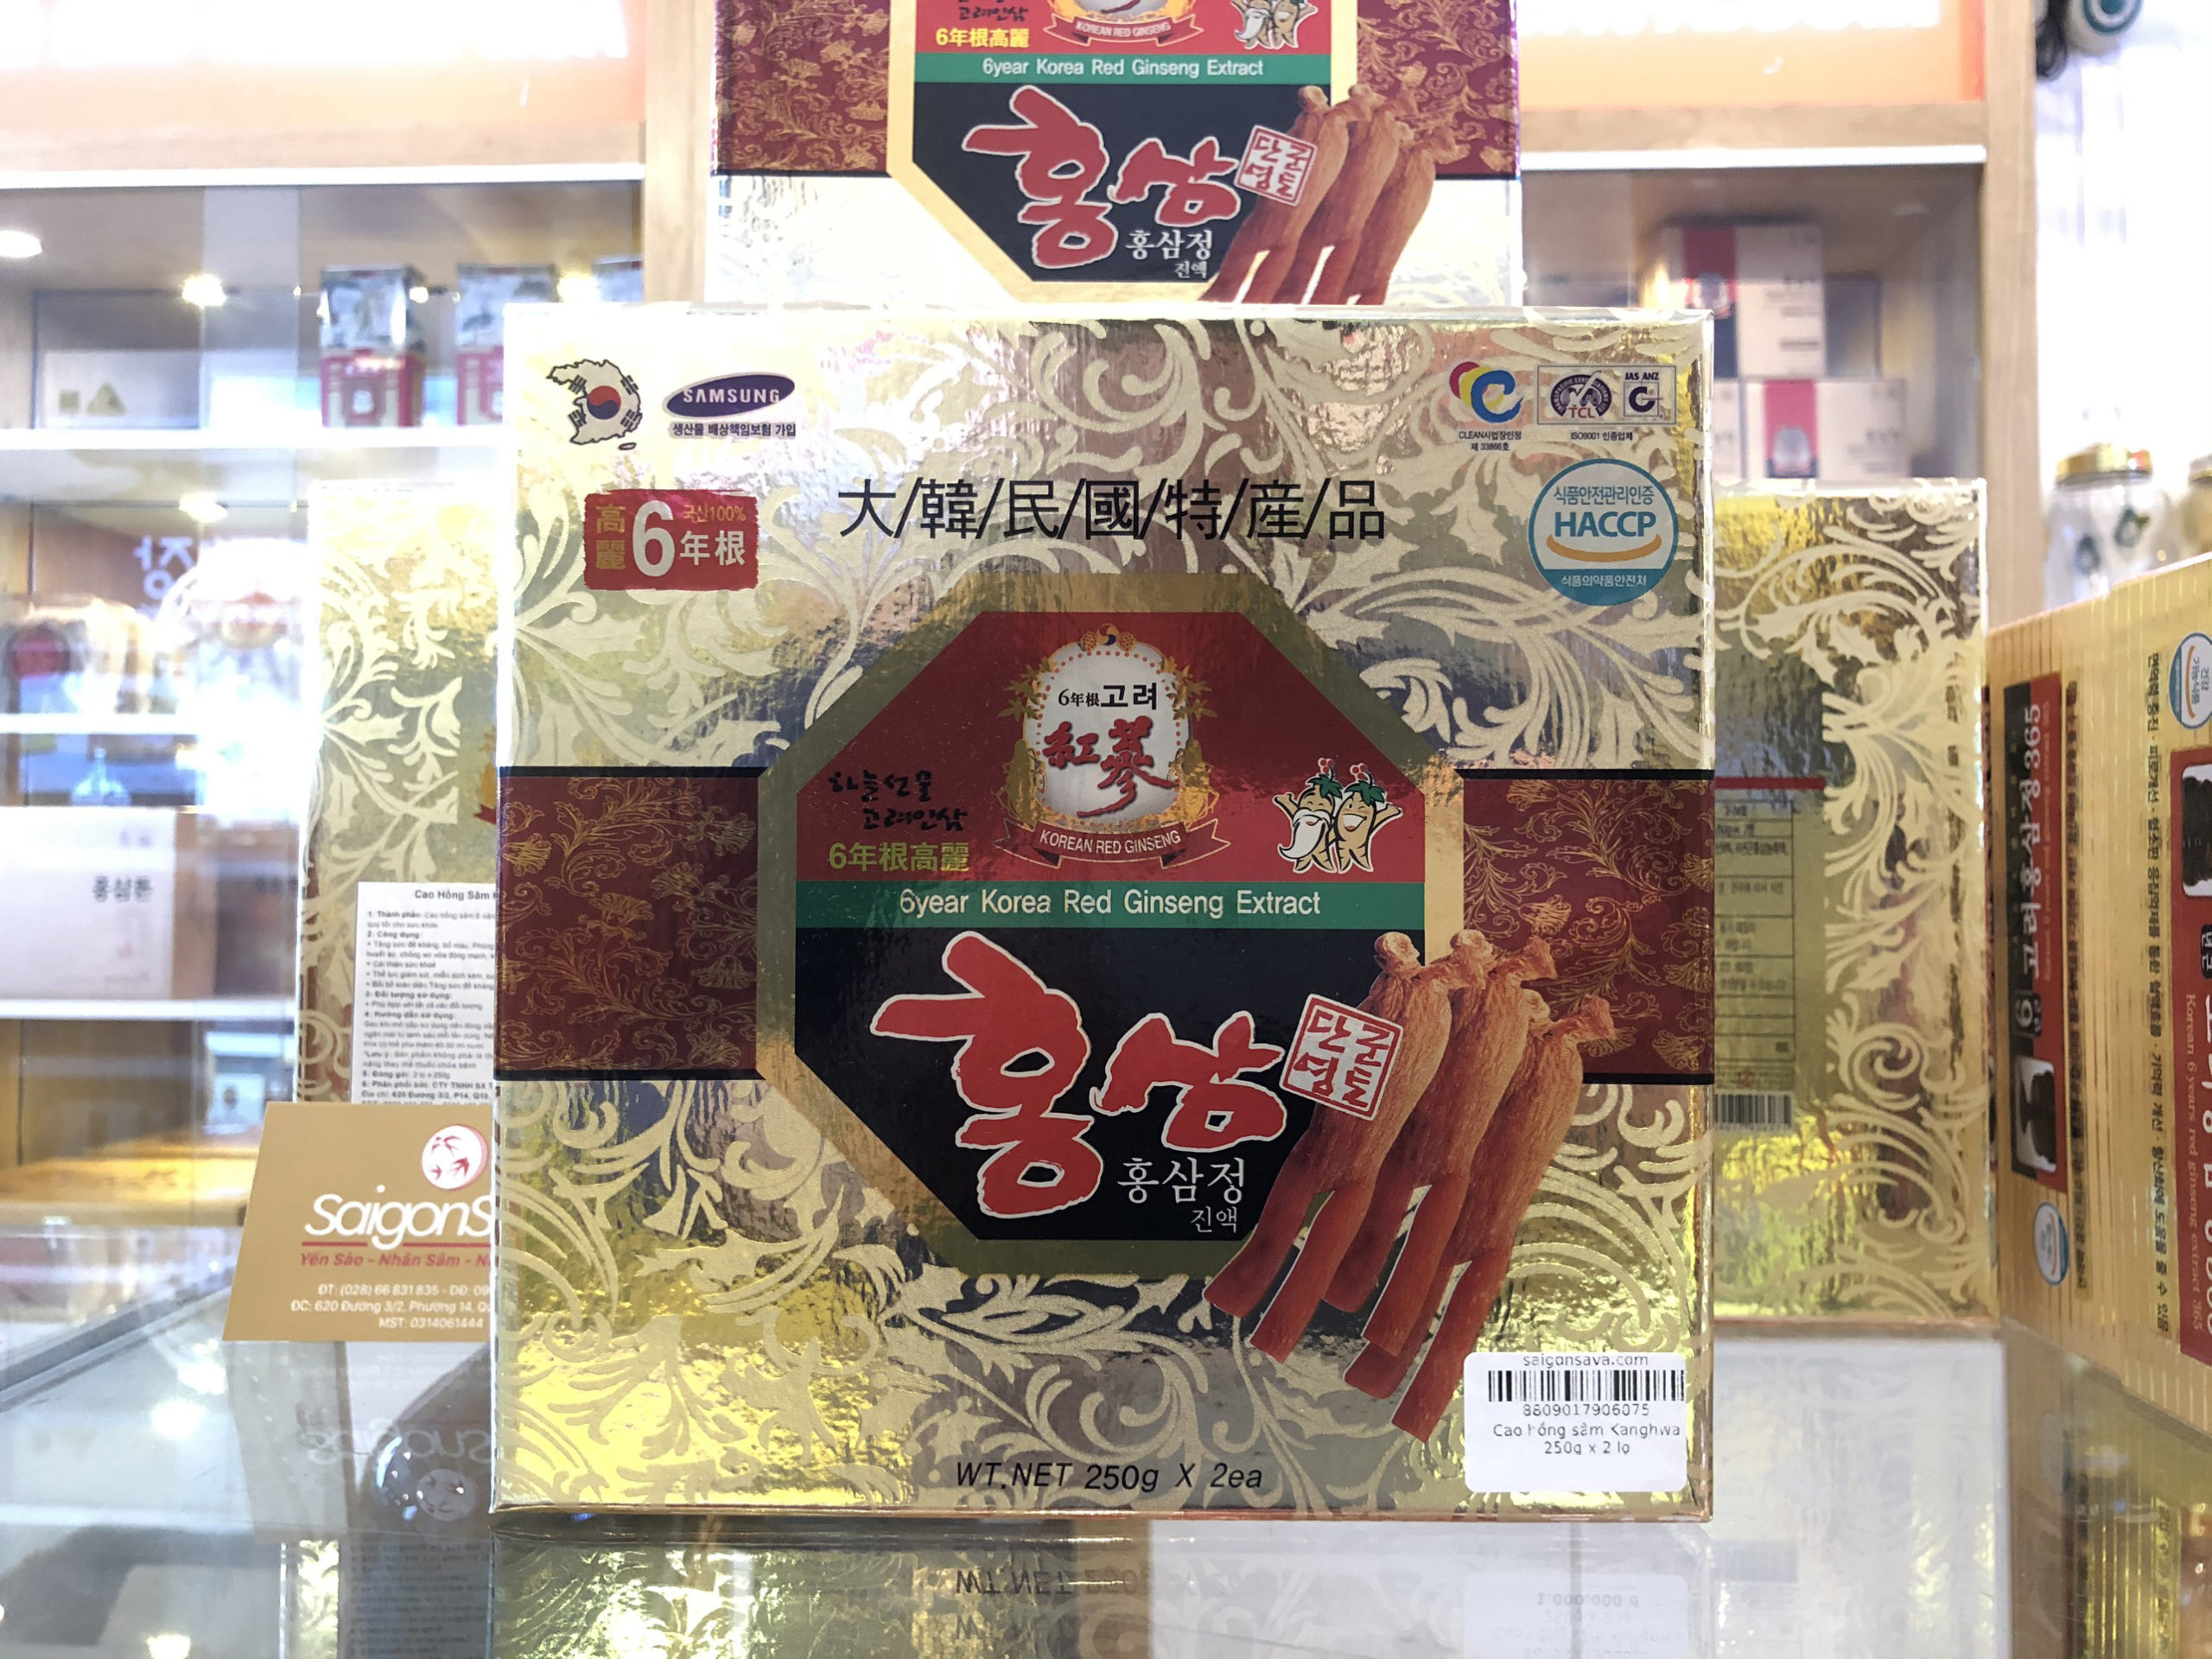 cao hồng sâm hàn quốc kanghwa 250g 2 lọ